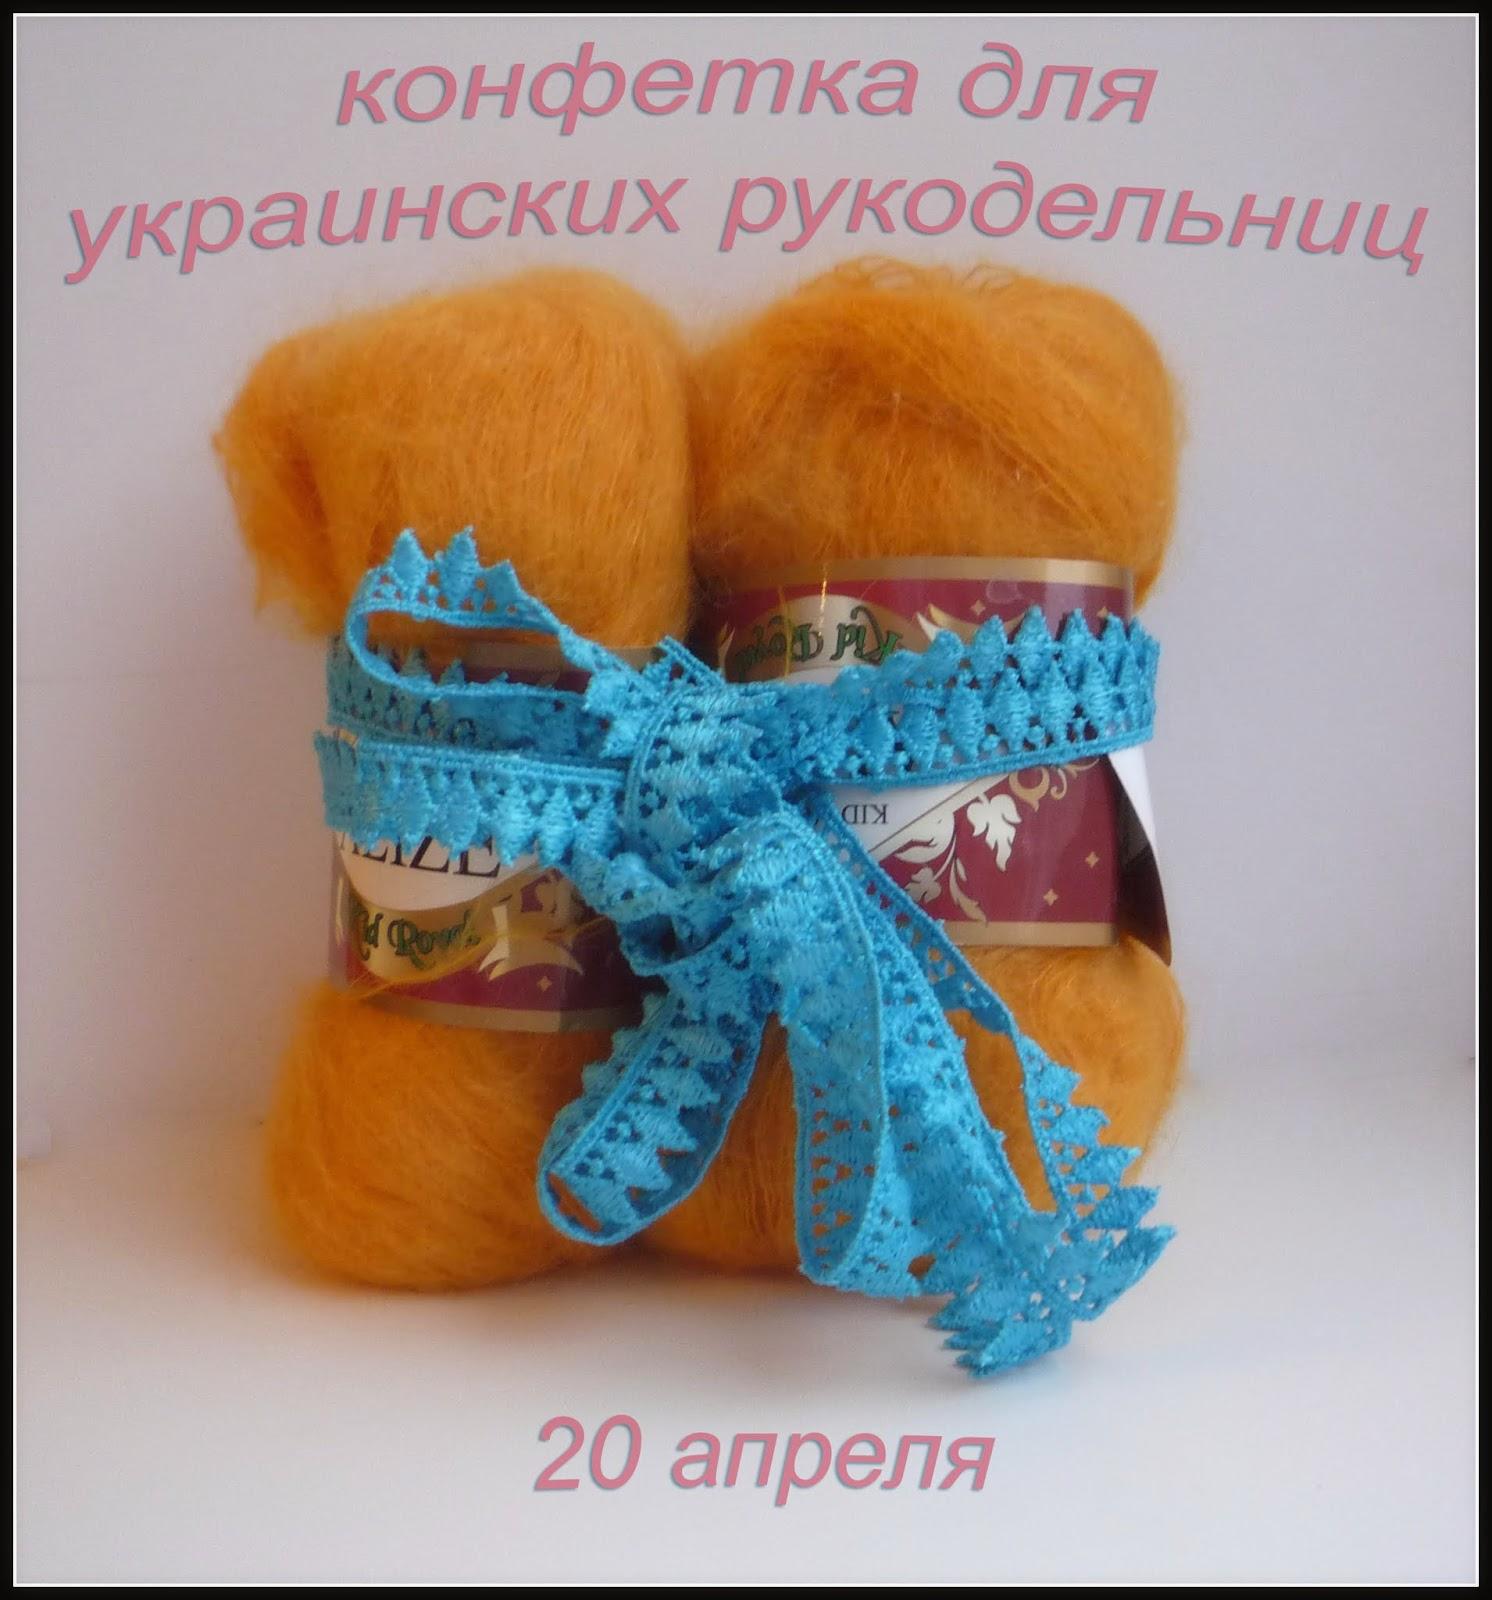 Моя конфетка для украинских рукодельниц. Желаю Вам Мира!